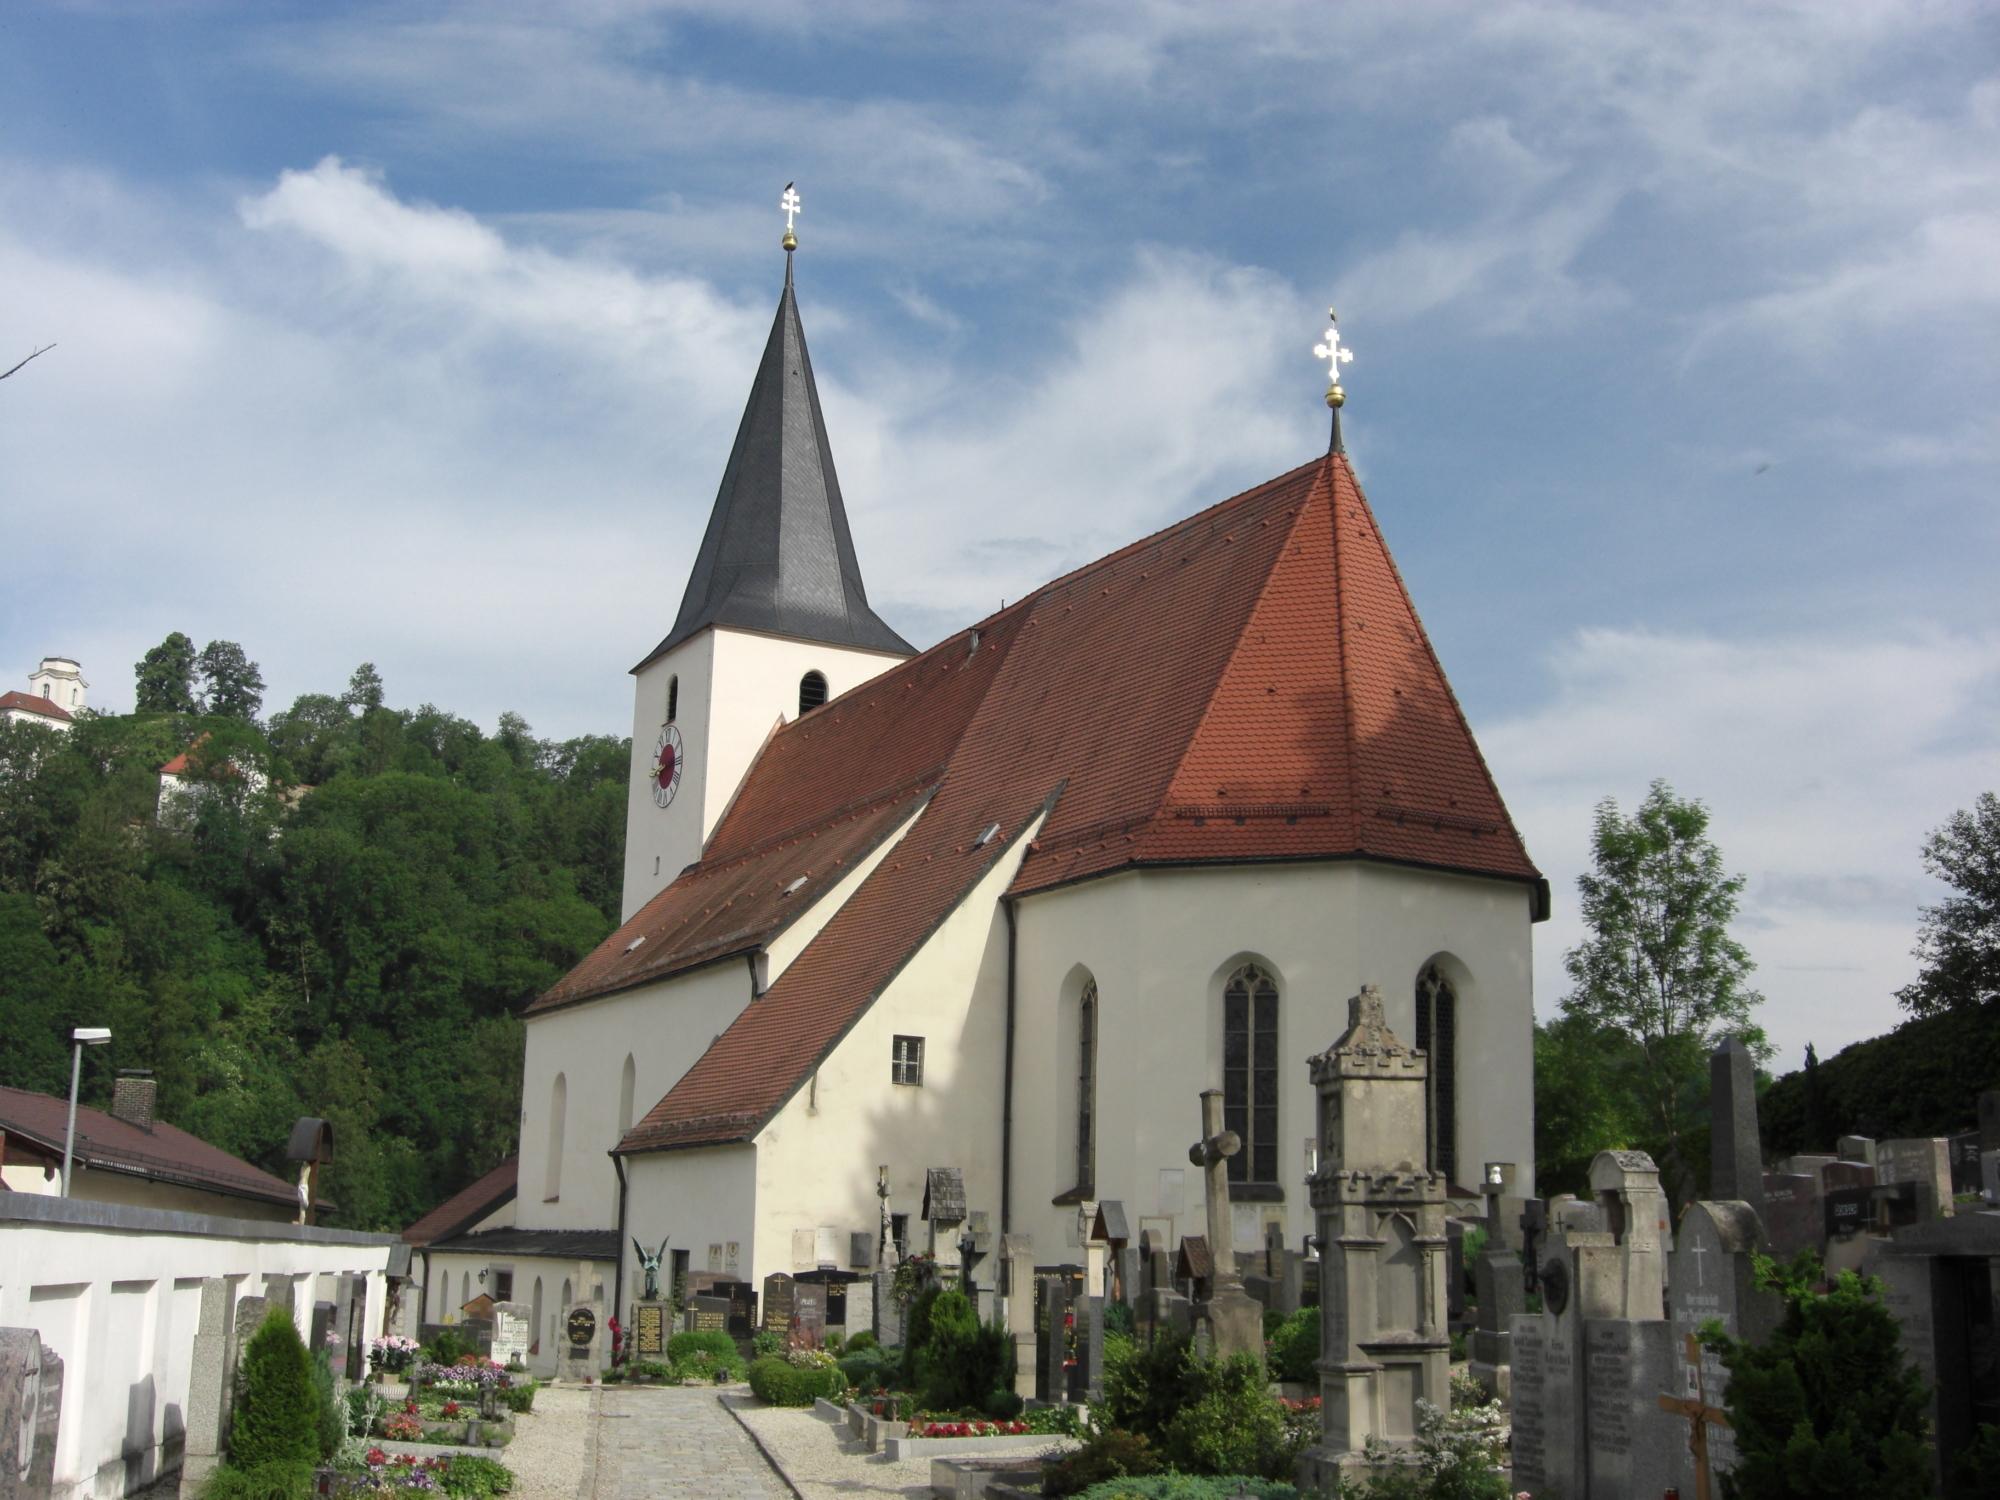 Ilzstadt